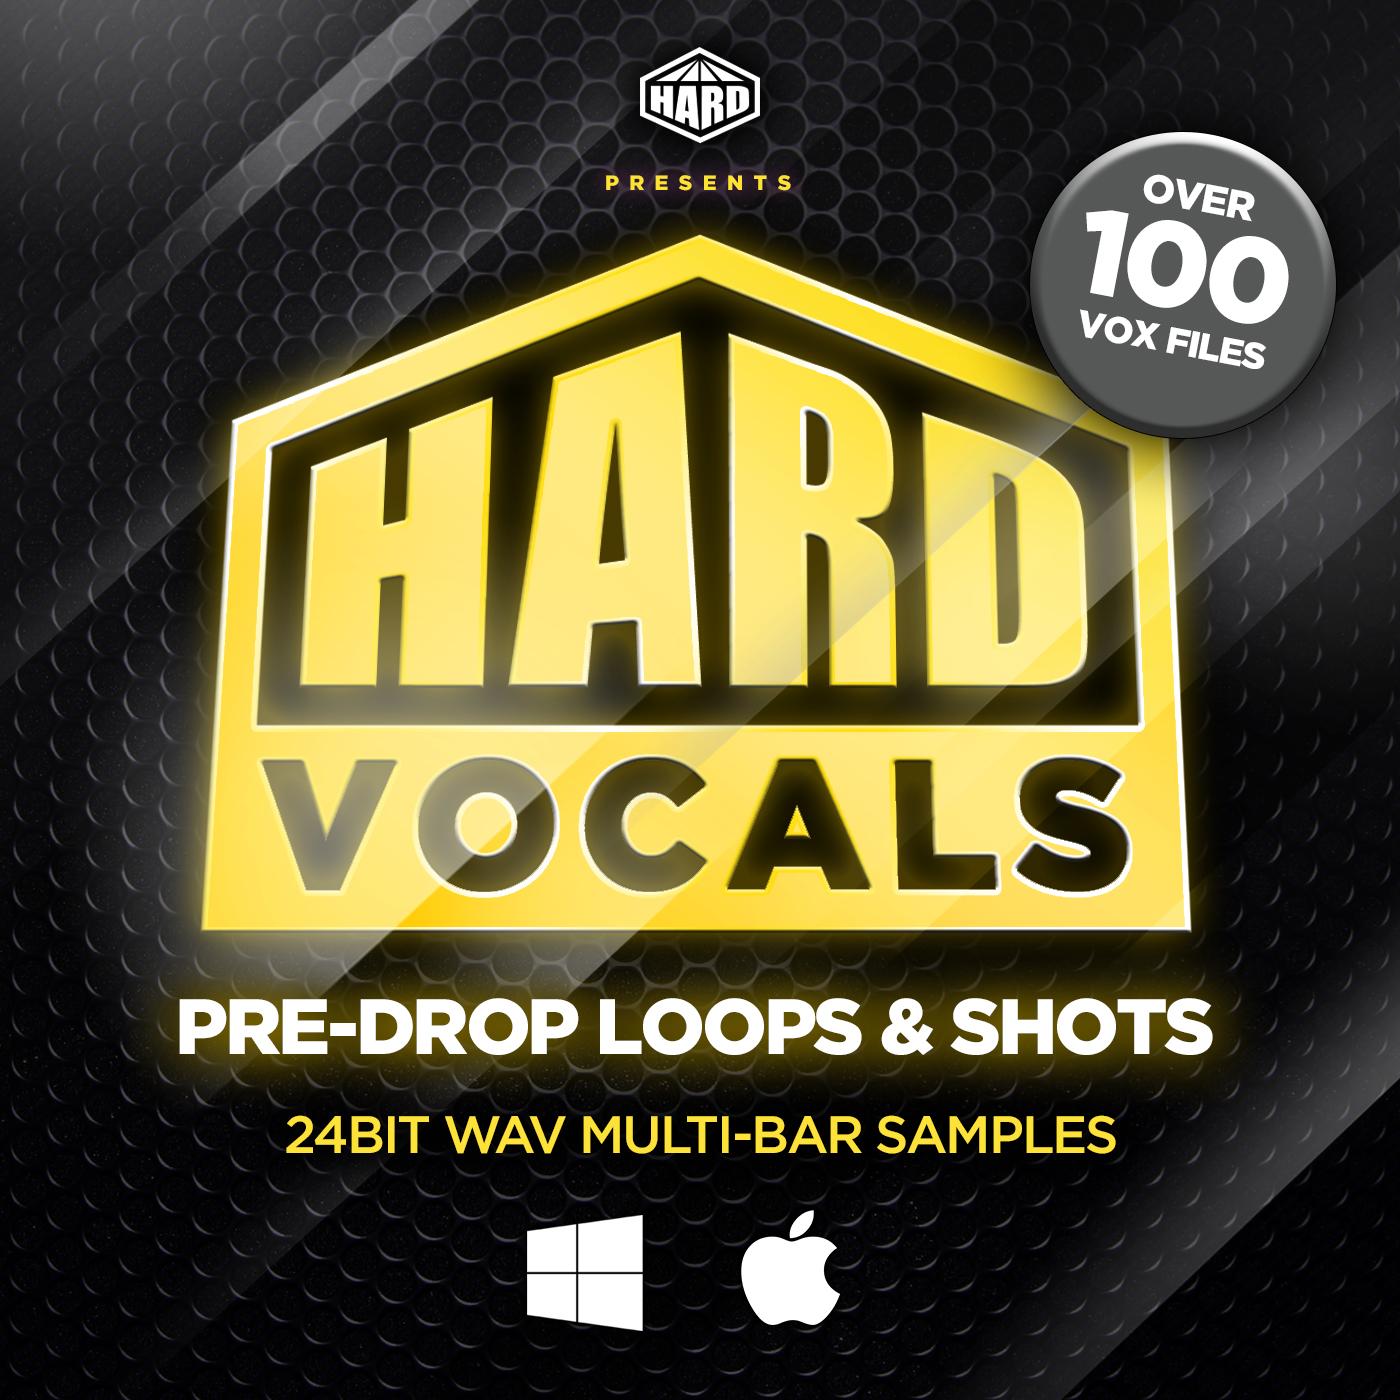 Hard Vocals Vol 1 Hard Samples